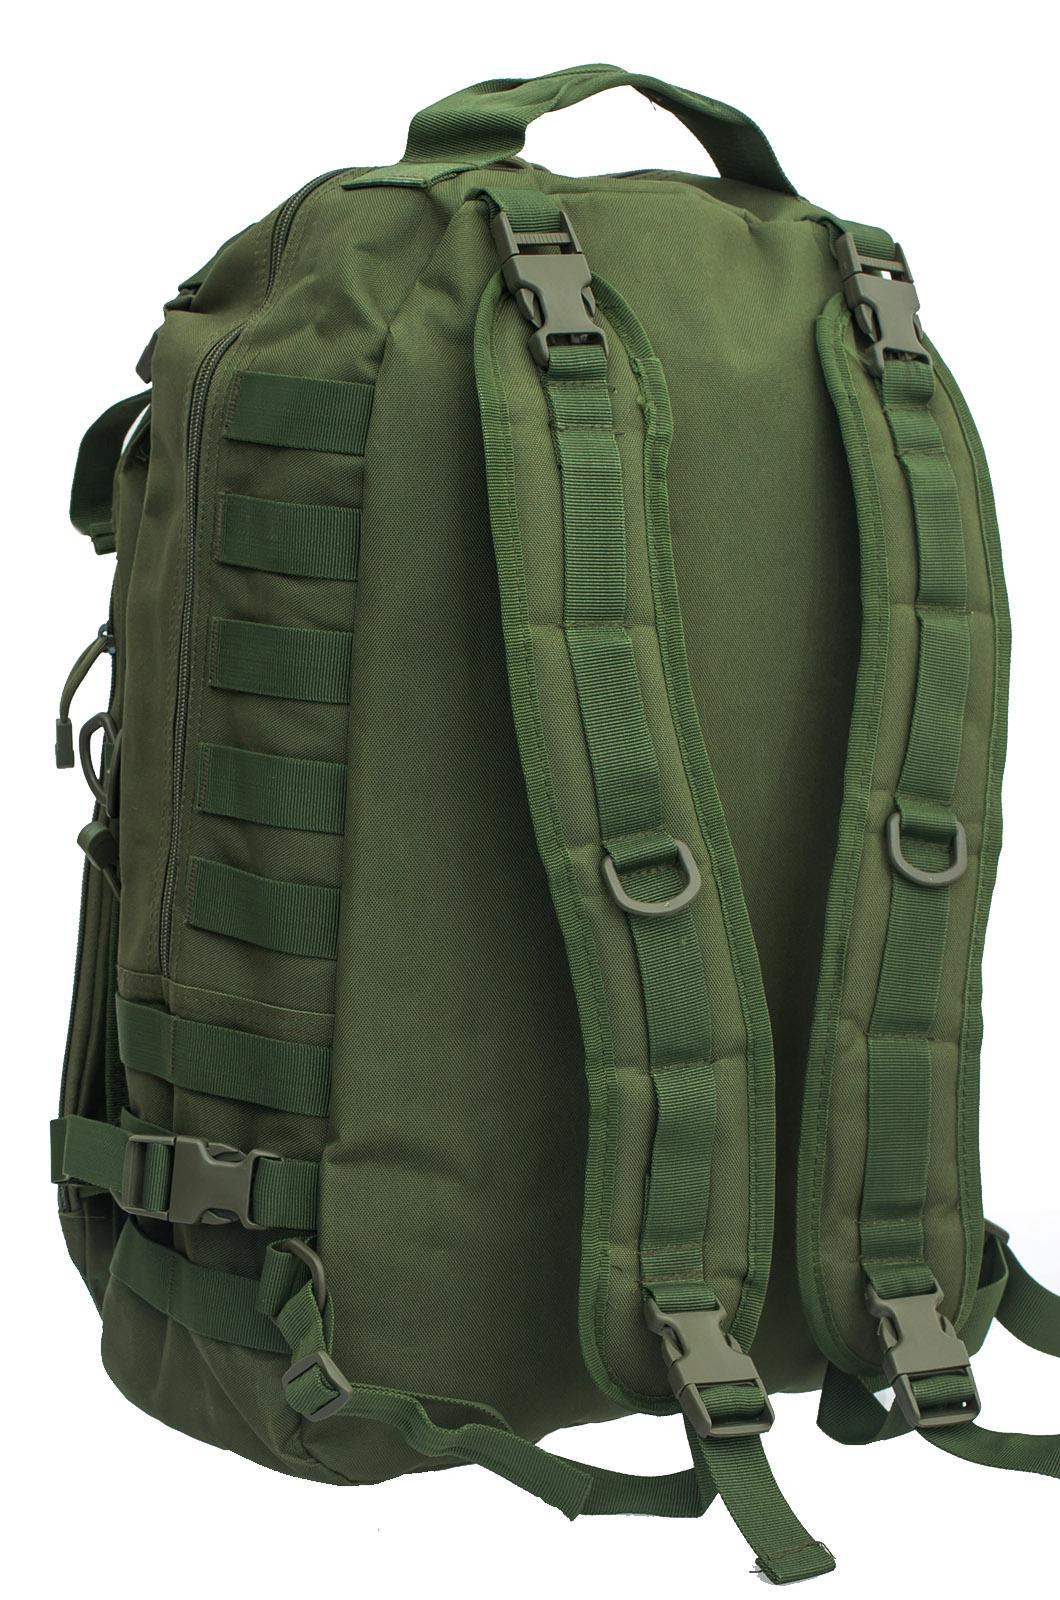 Крутой тактический рюкзак с нашивкой ДПС - заказать по низкой цене